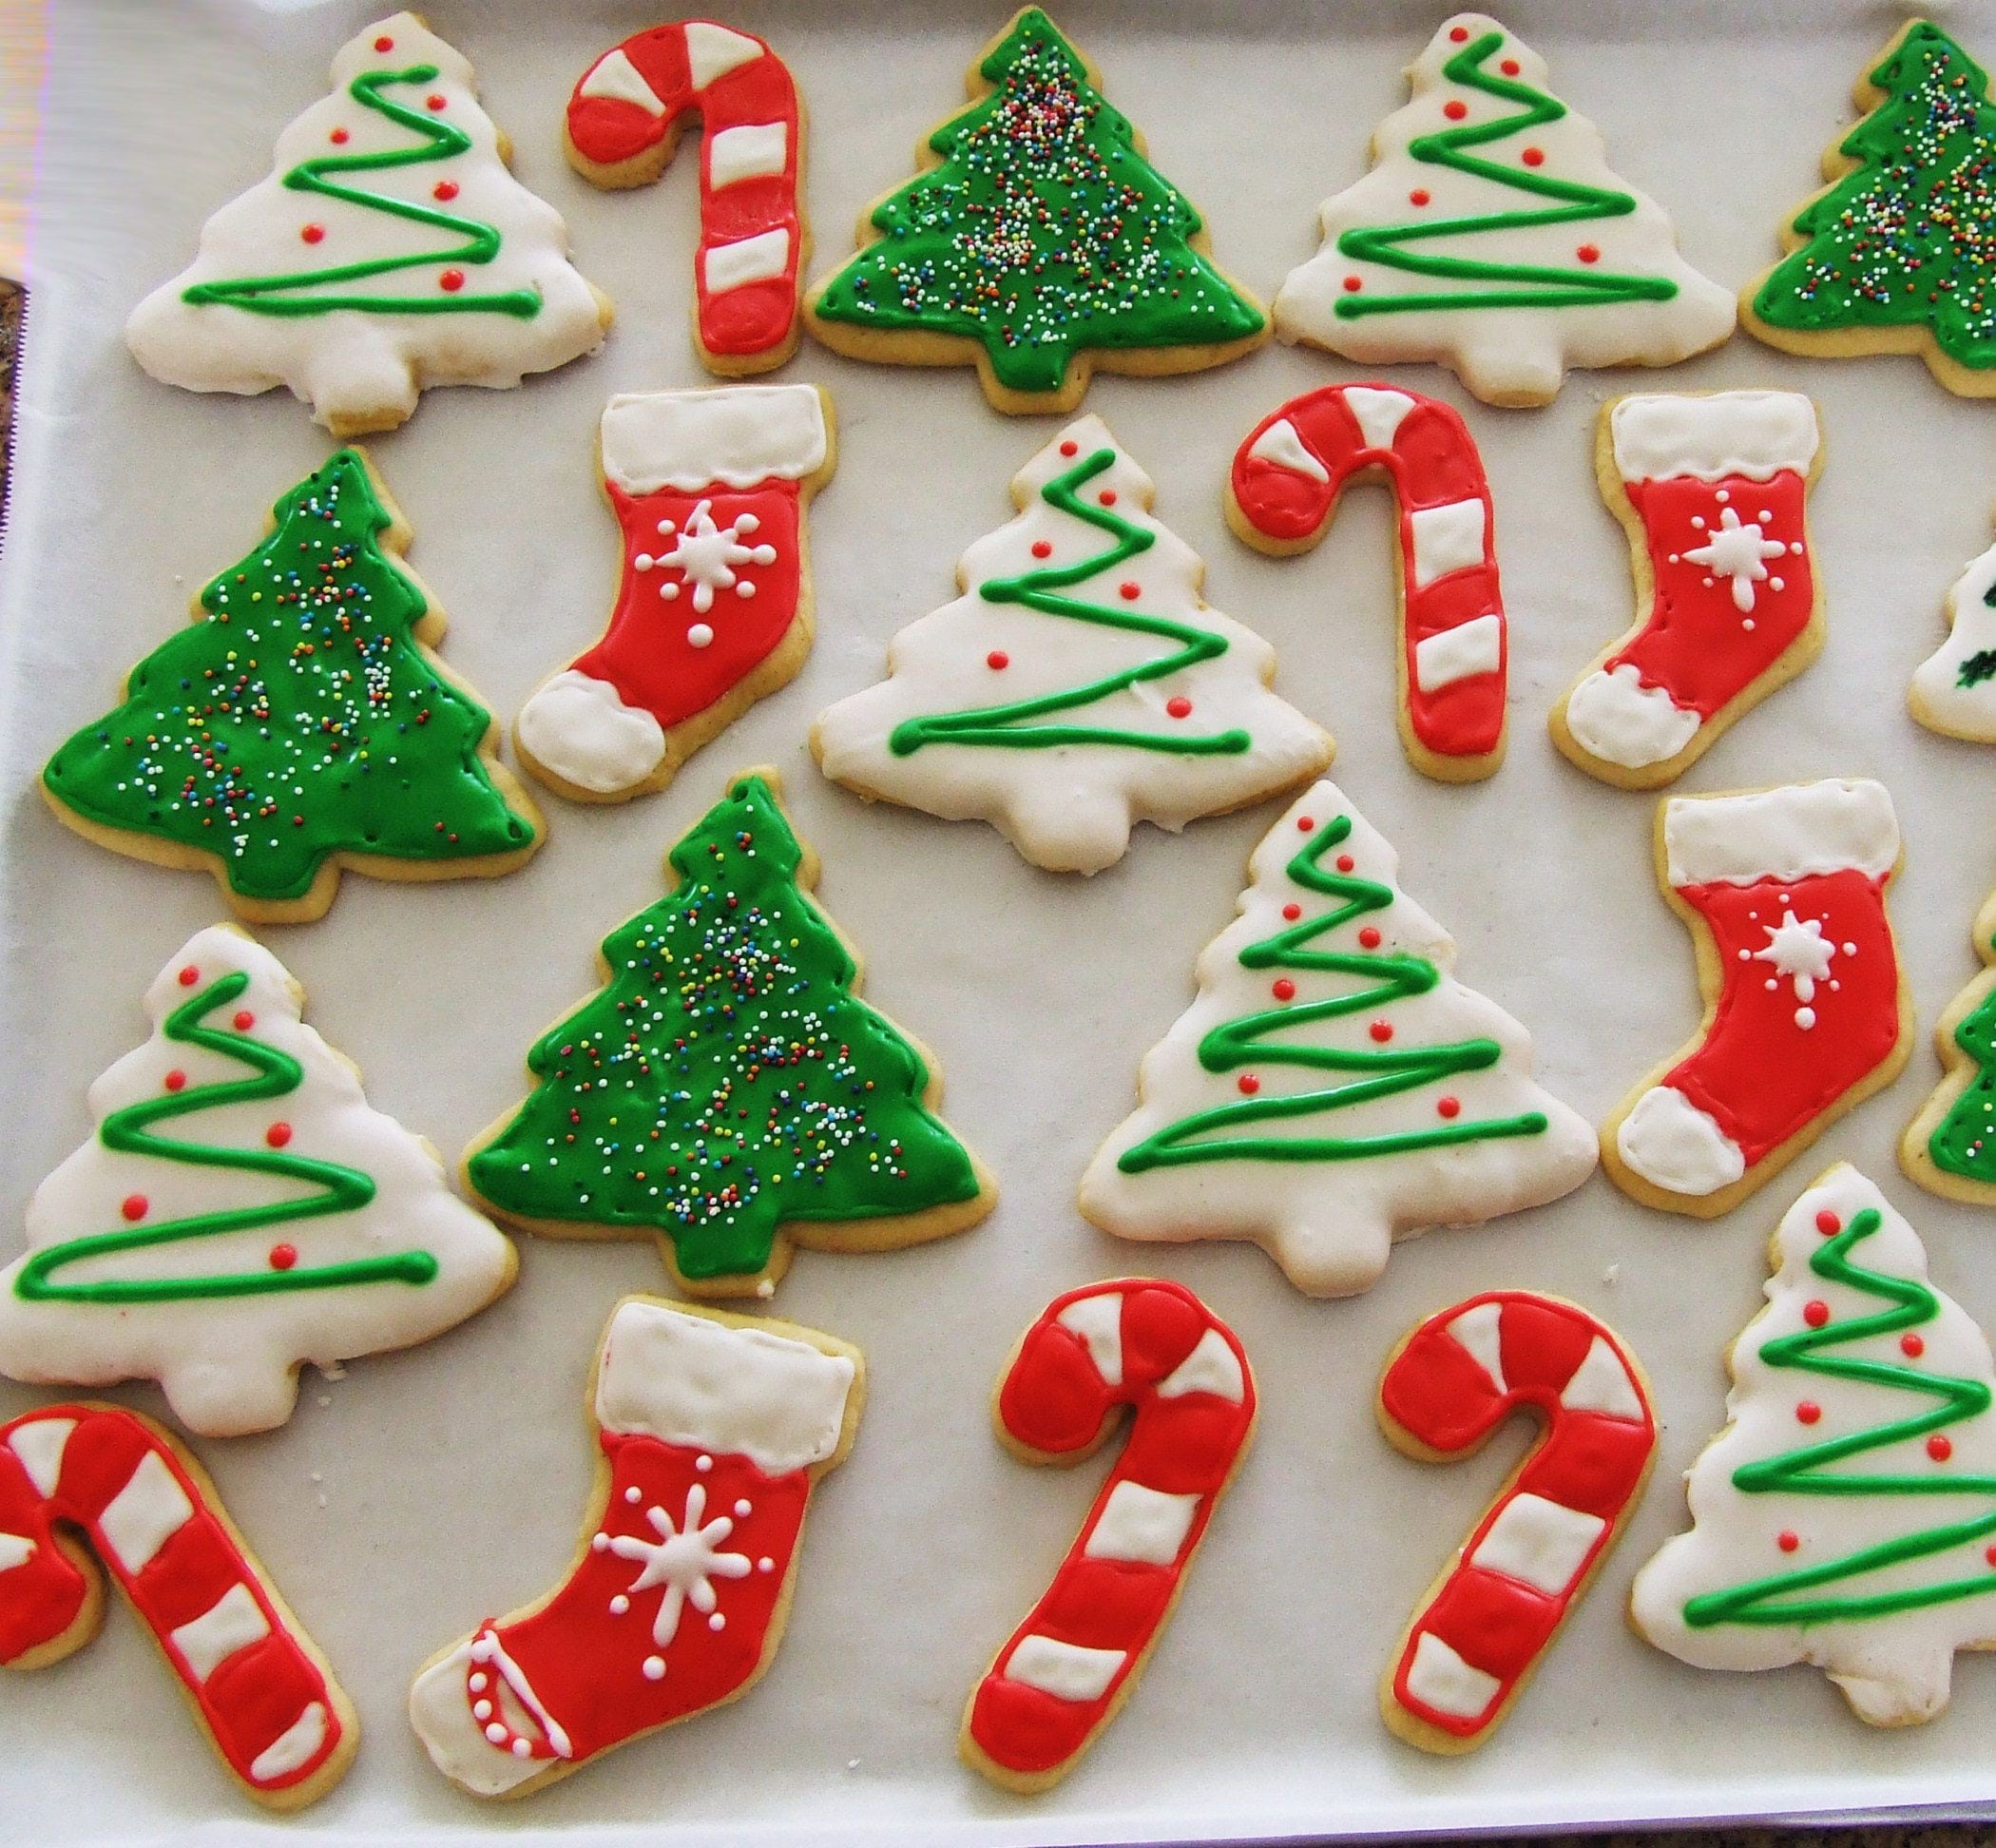 Christmas Cookie Decorating Supplies Best Of Galletitas Navide±as